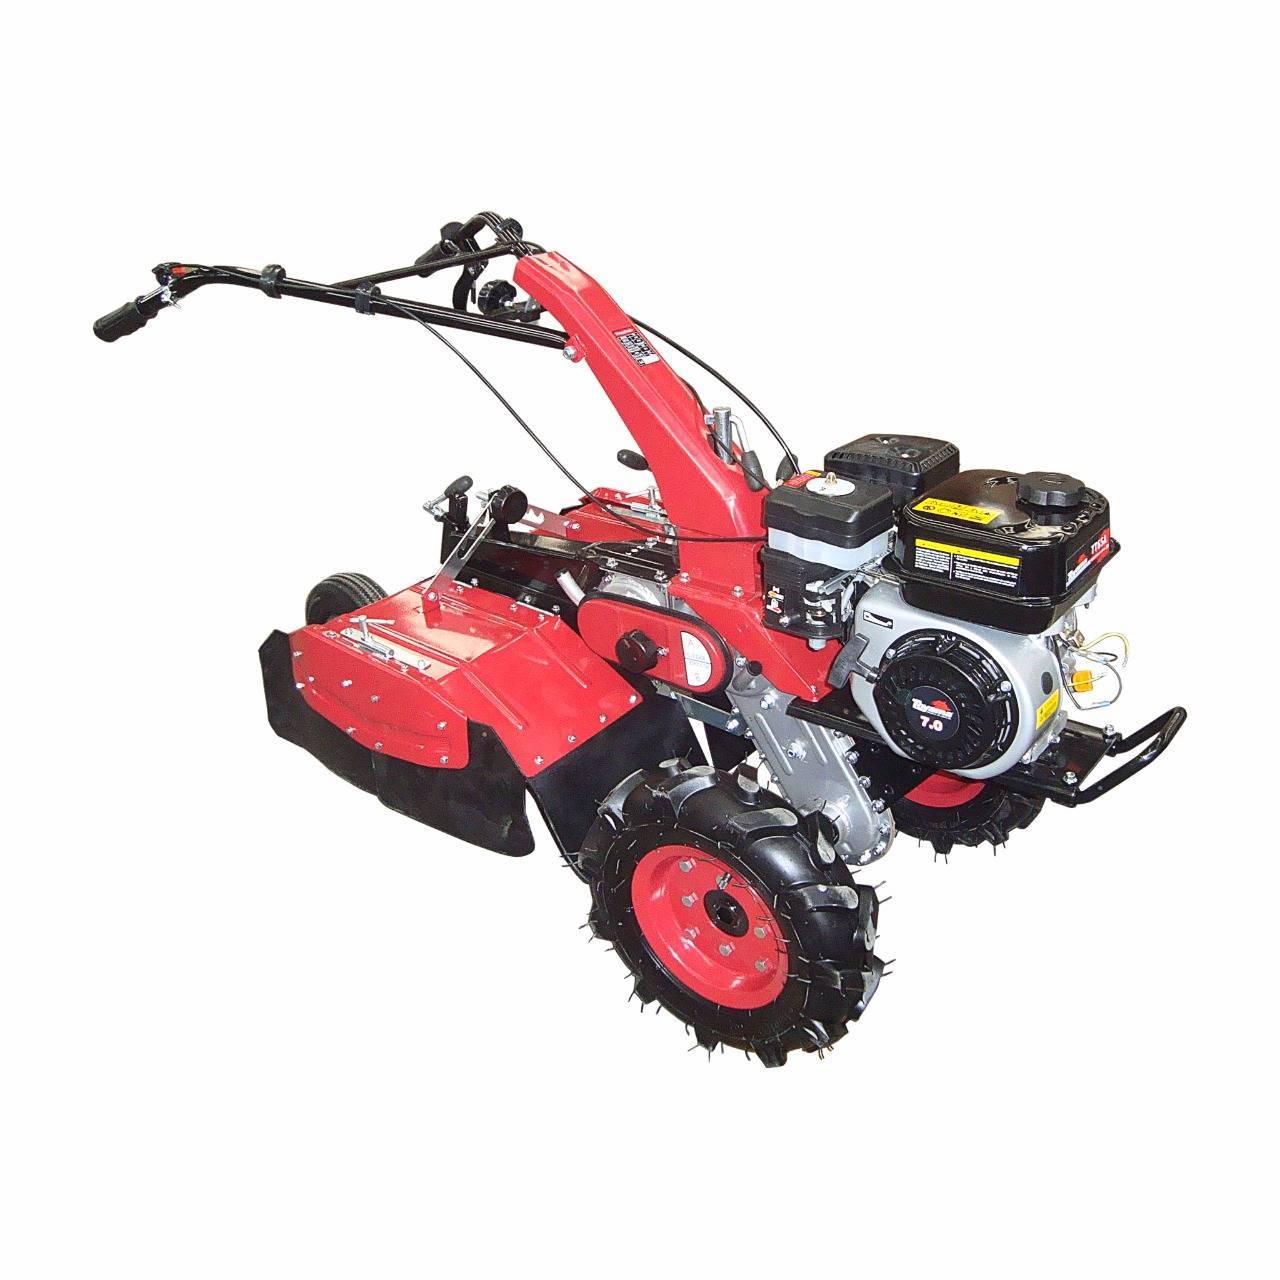 Motocultivador Toyama TT65 7,0 HP Uso para Aviário e Horta. - Hs Floresta e Jardim